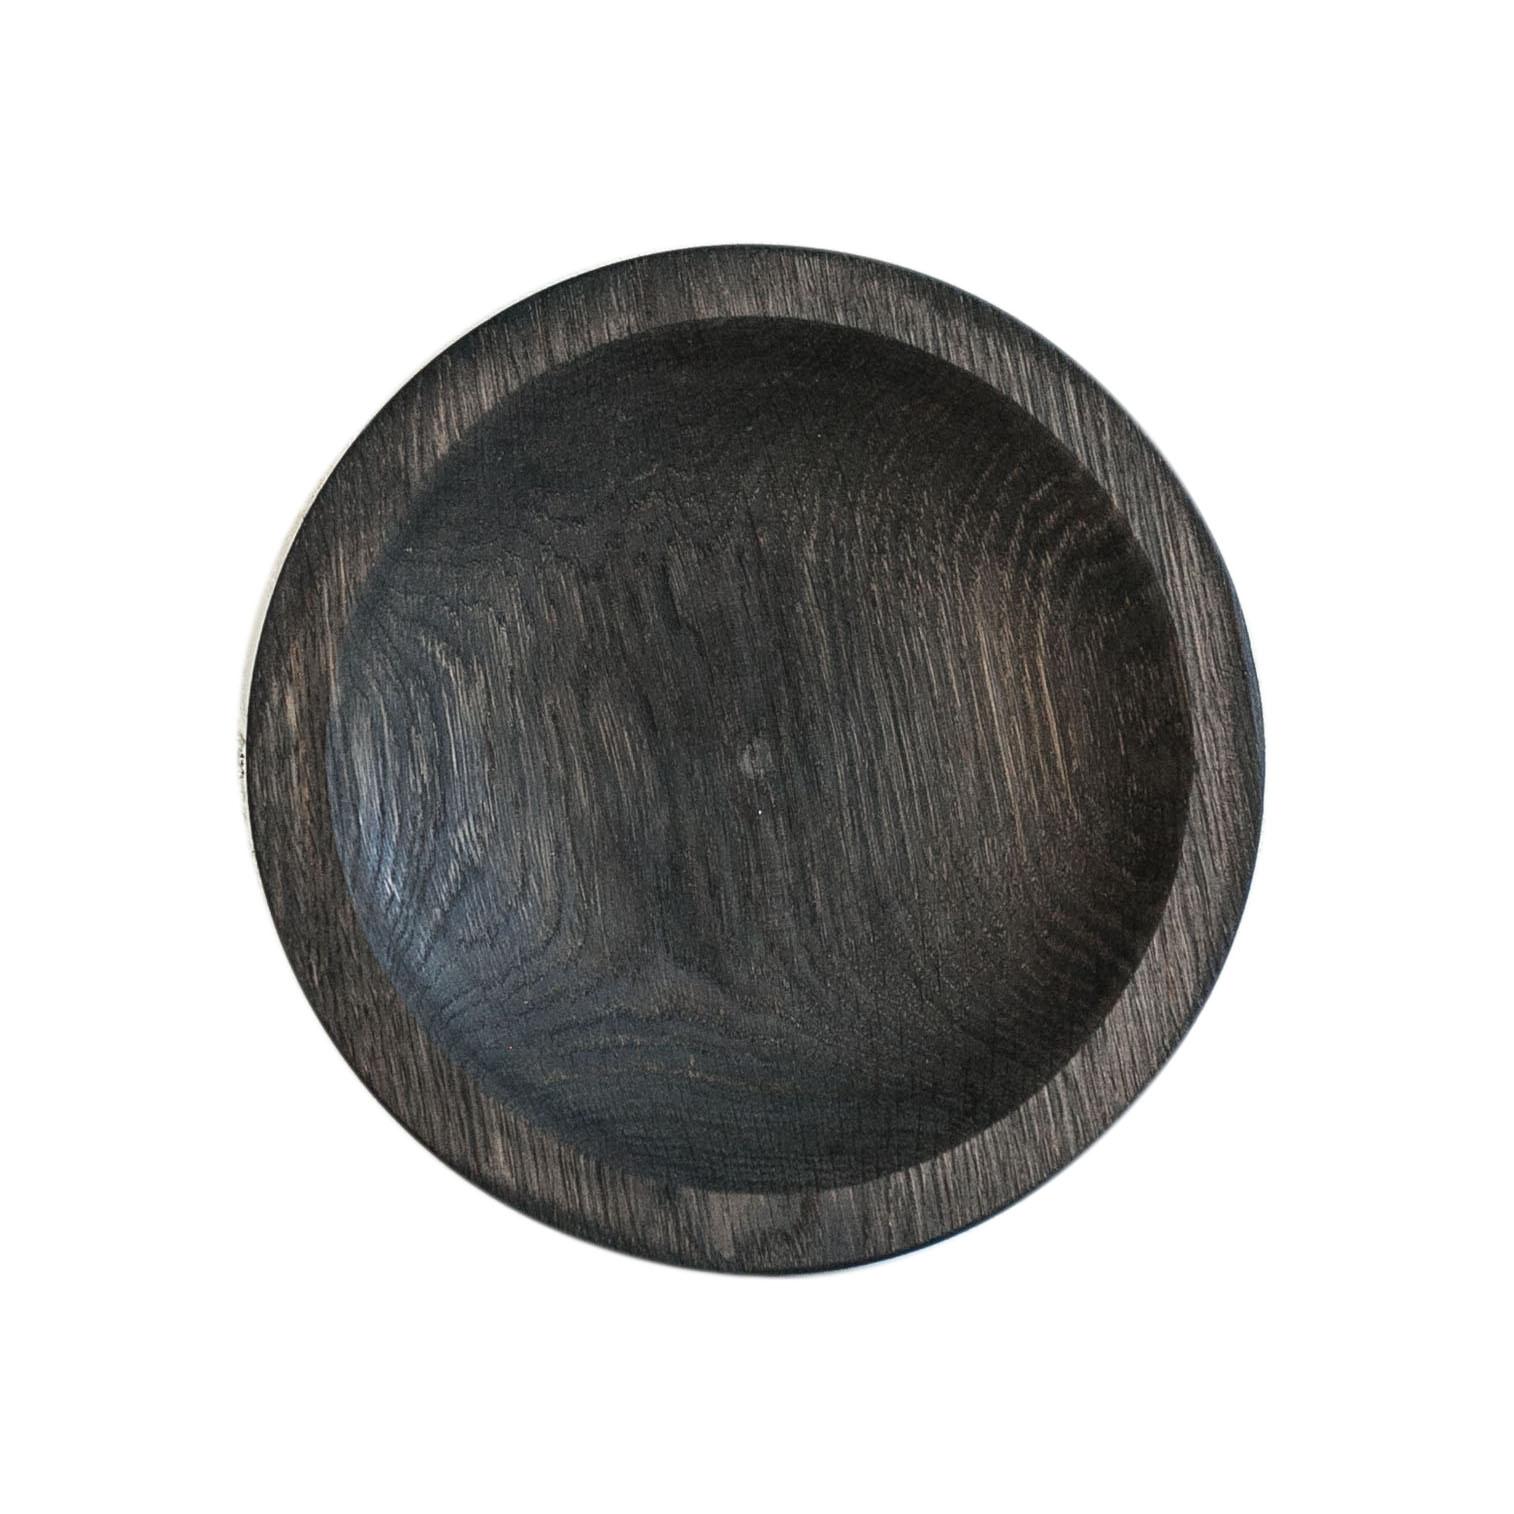 Тарелка КругДекоративные блюда<br>&amp;quot;Кика&amp;quot; - коллекция дубовых тарелок и плато для подачи, дополняющих друг друга. Сделана вручную. Покрытие: льняное масло. Ее внутренняя поверхность идеально зашлифована. При необходимости можно обновлять покрытие, протерев поверхность тряпочкой, смоченной льняным маслом. После влажной обработки ее нужно протирать полотенцем. Тарелка не предназначена для длительного хранения жидкостей. Из-за специфики ручного труда все предметы отличаются друг от друга.<br><br>Material: Дуб<br>Высота см: 3